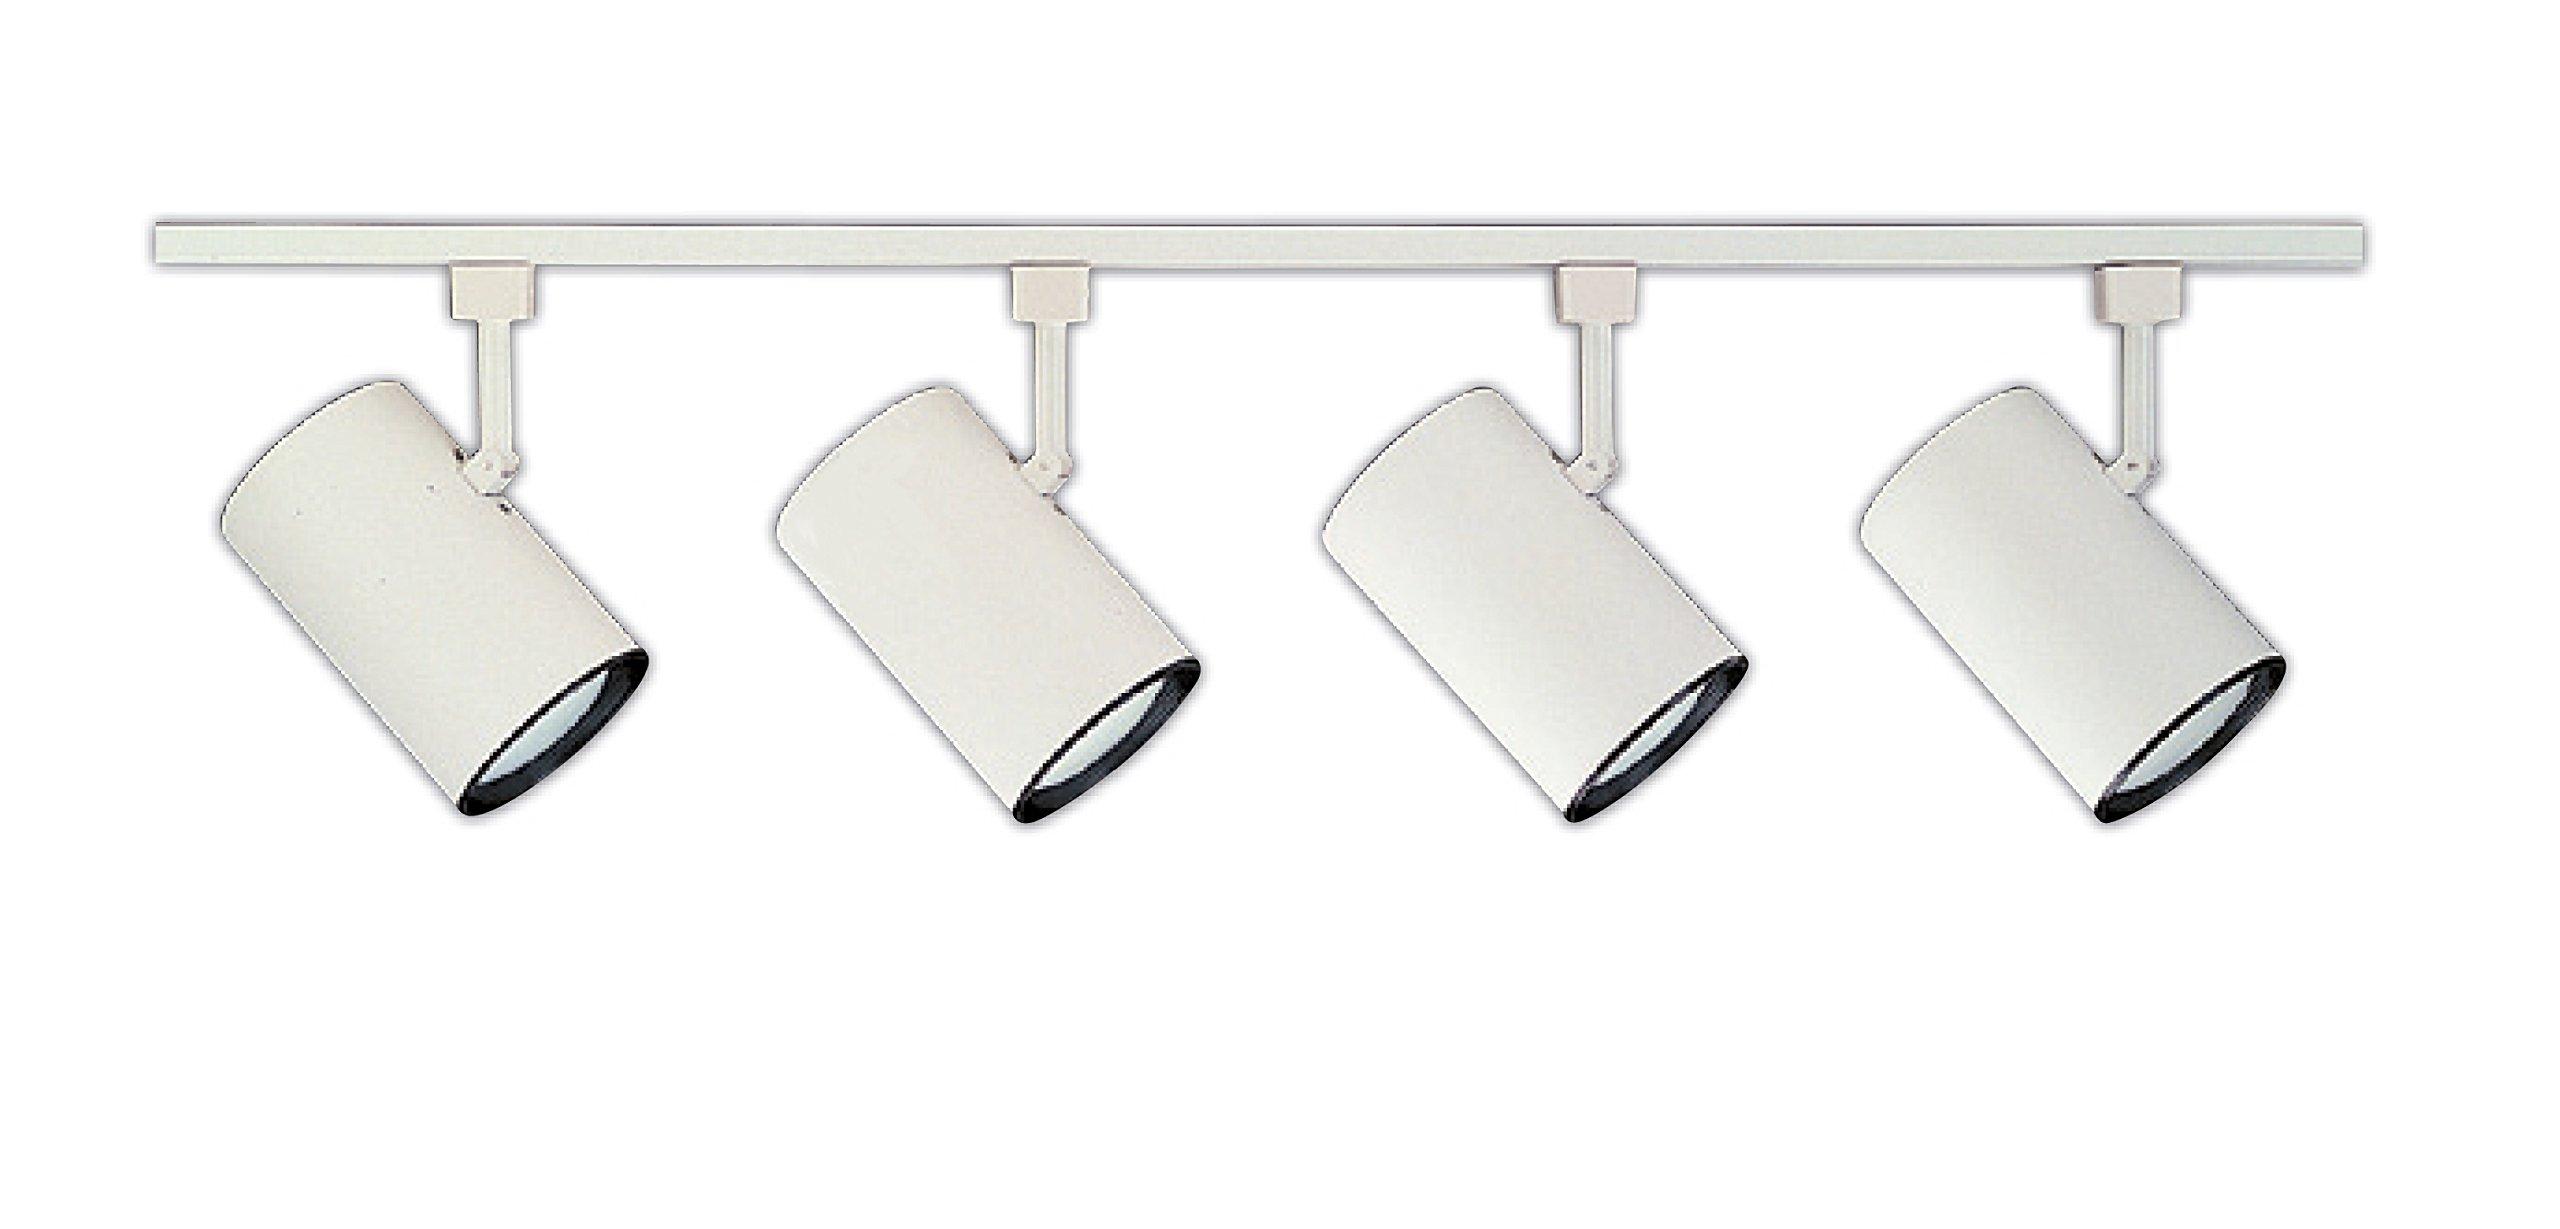 NICOR Lighting 4 Ft.  4-Light 75-Watt Linear Track Lighting Kit, White (10996WH4HEAD)